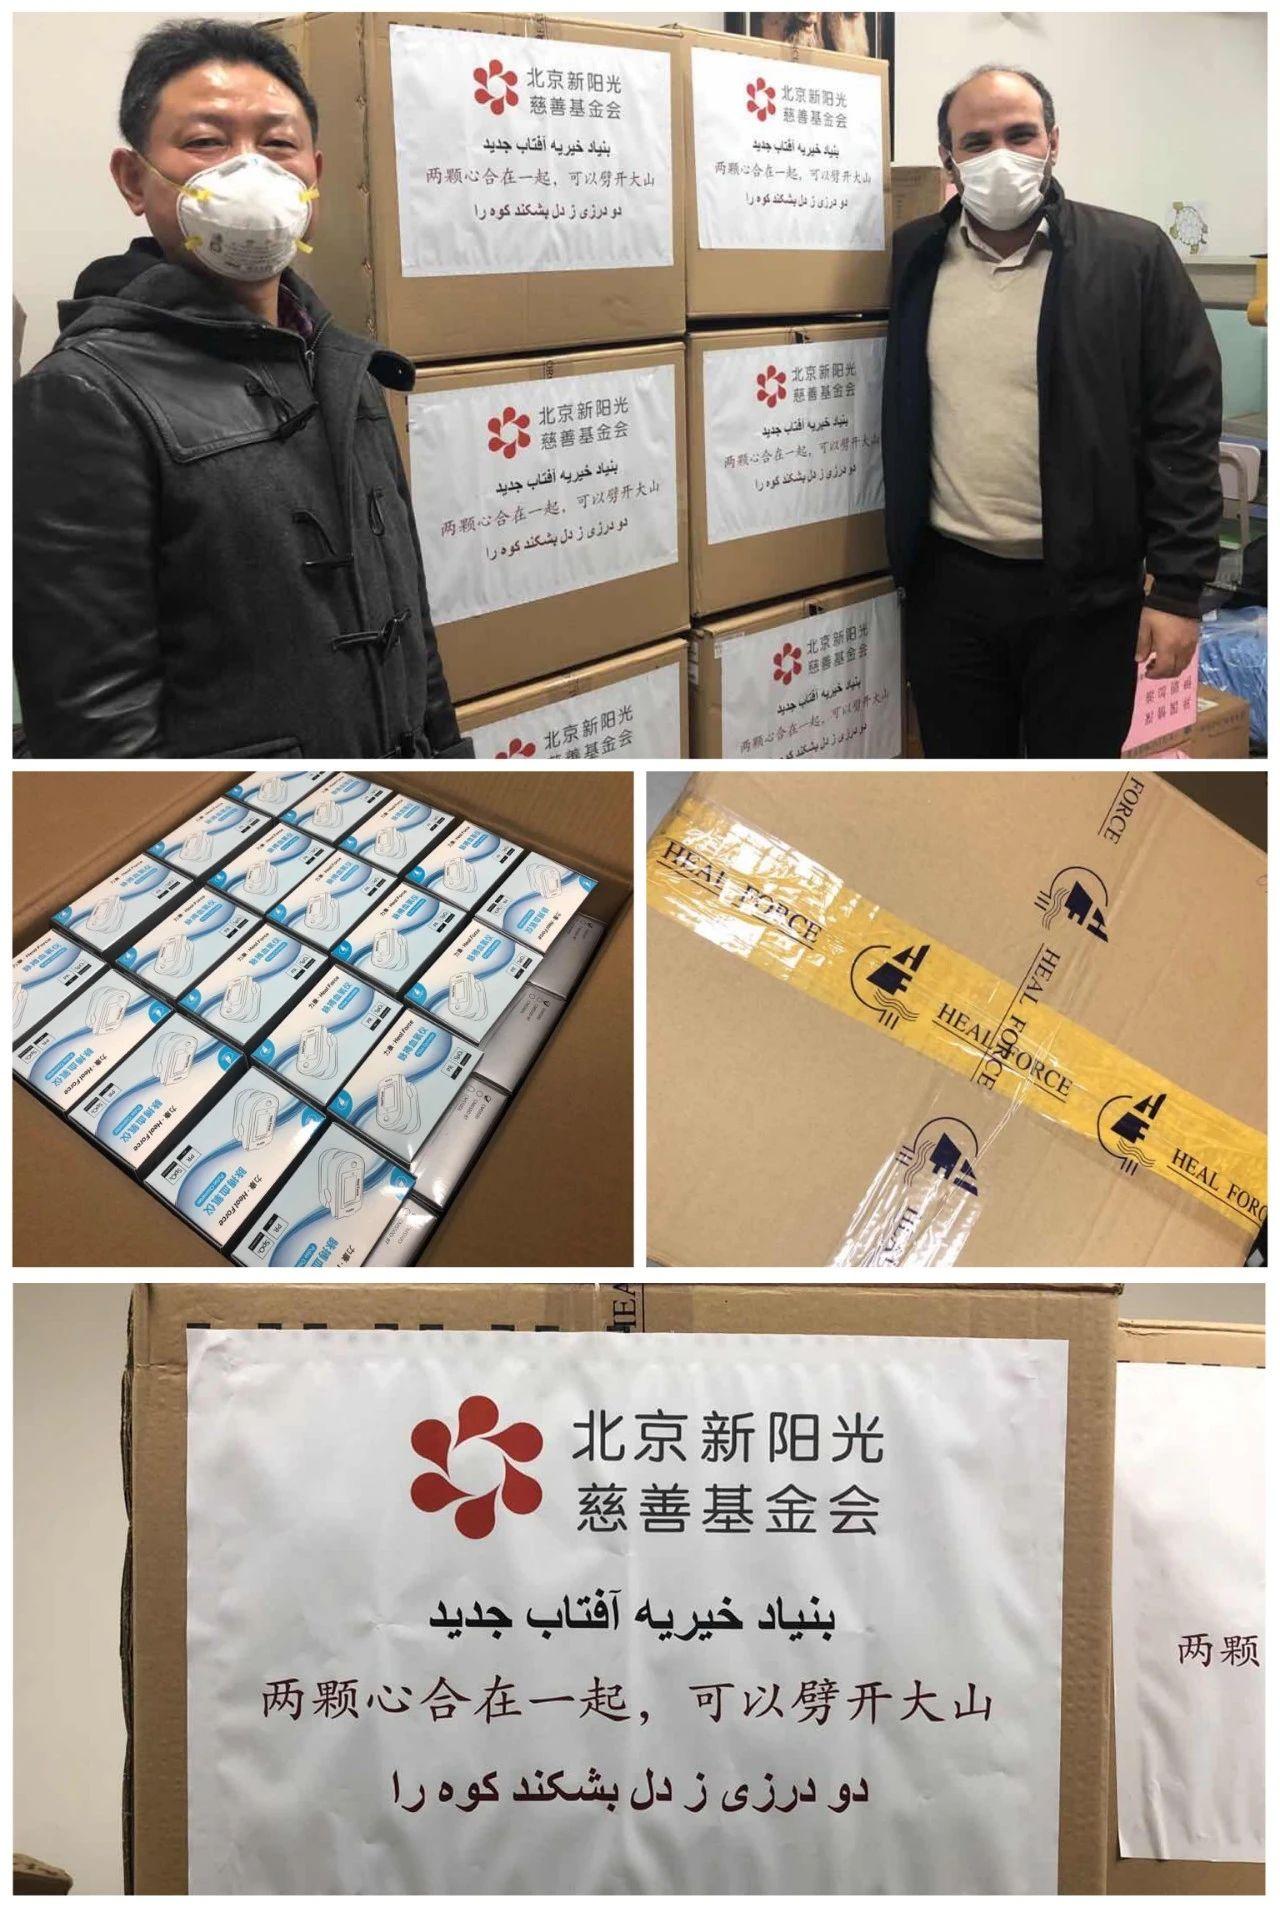 血氧仪送达伊朗总领事馆